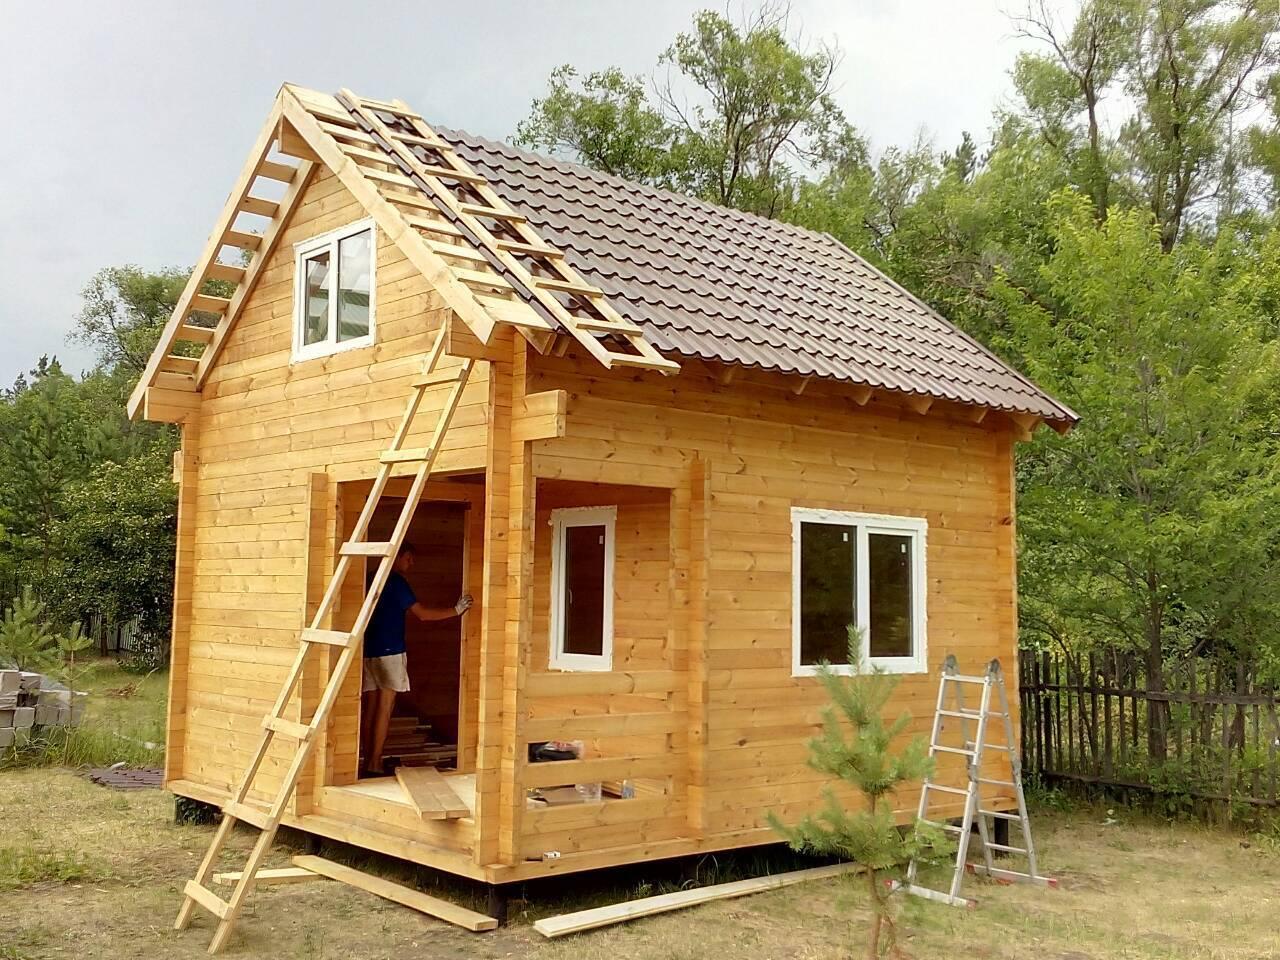 Маленький домик своими руками - пошаговая инструкция!